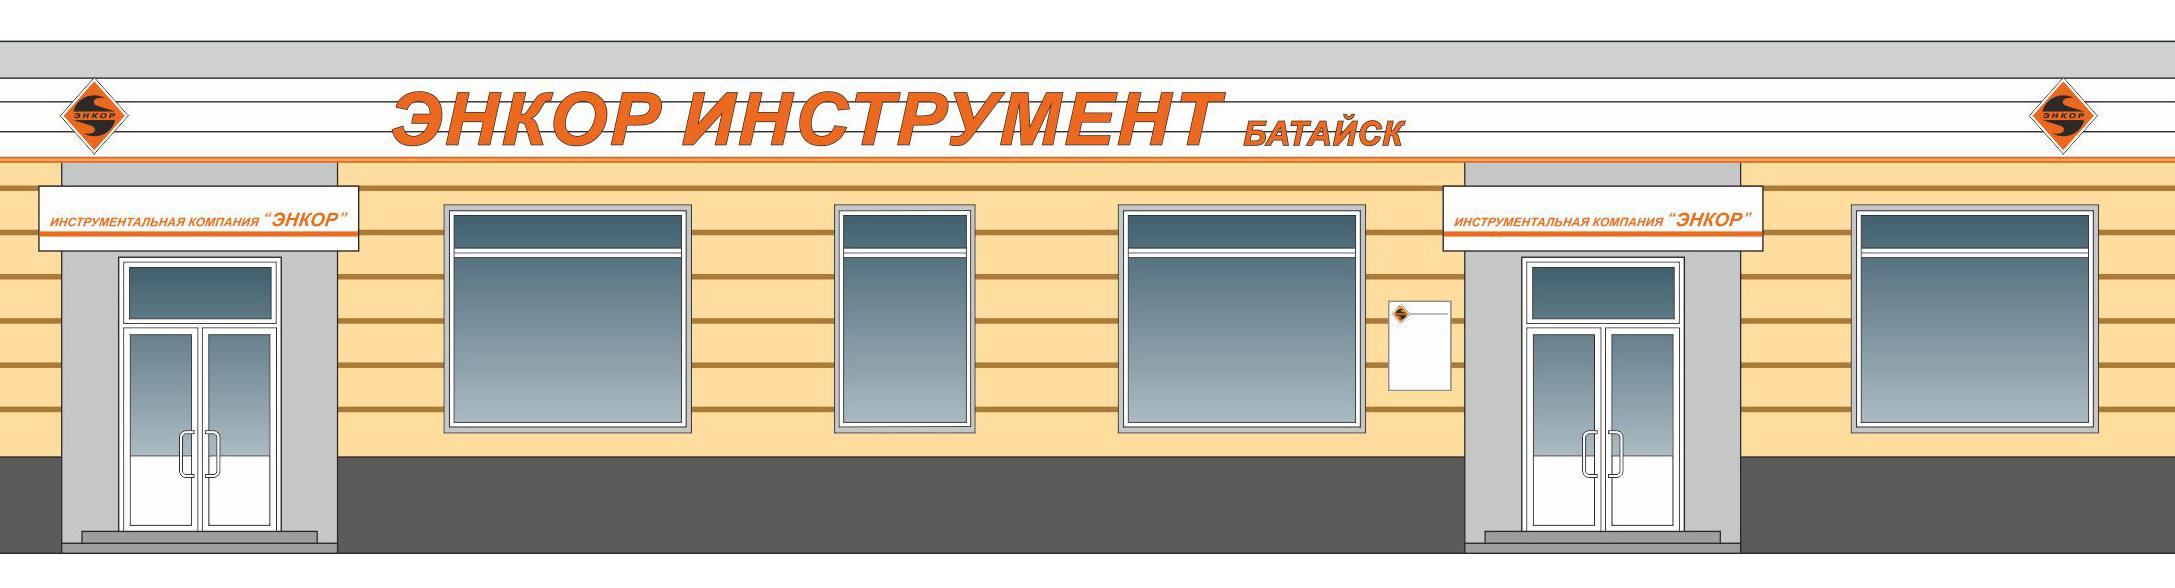 Магазин солнце комсомольск сантехника купить самый дешевый унитаз в новосибирске